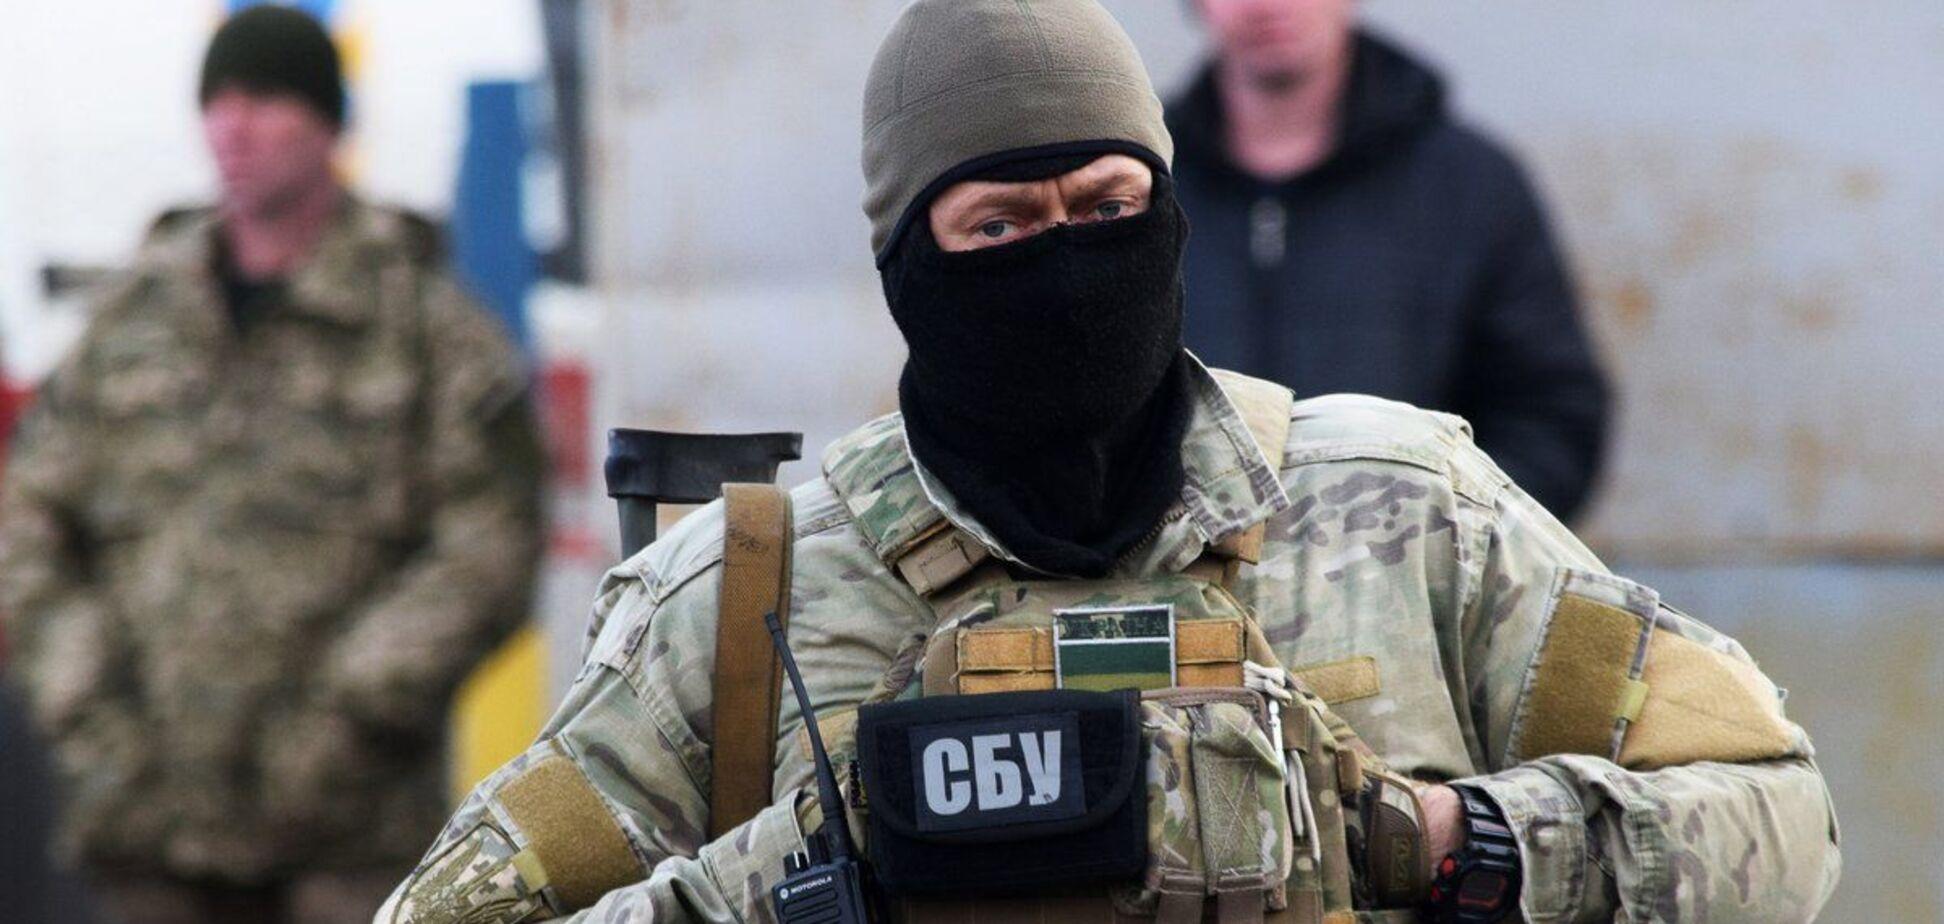 СБУ задержала нацгвардейца по подозрению в госизмене